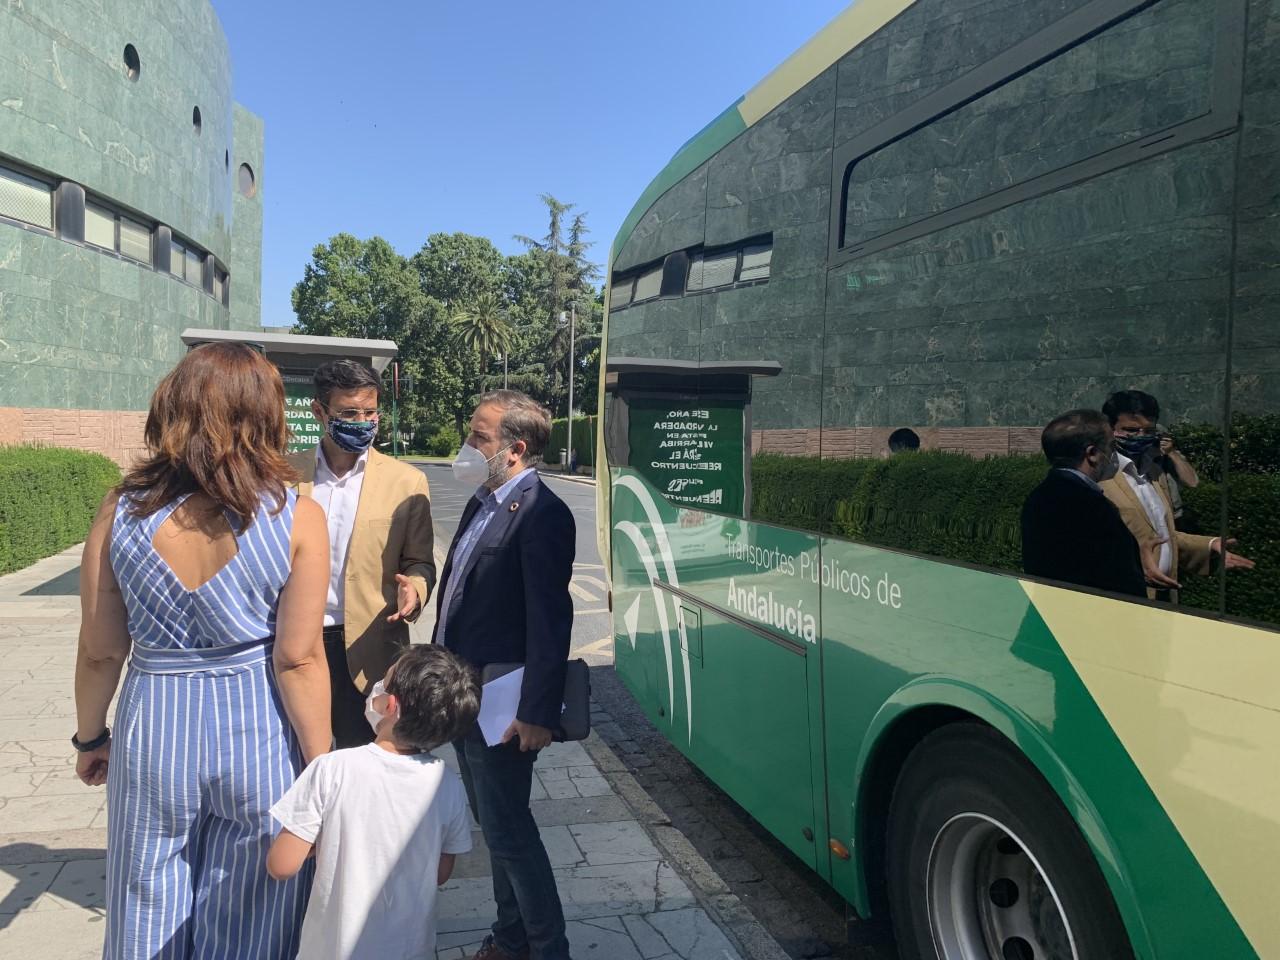 El PSOE denuncia el aumento de la contaminación tras el recorte de la Junta en el transporte metropolitano